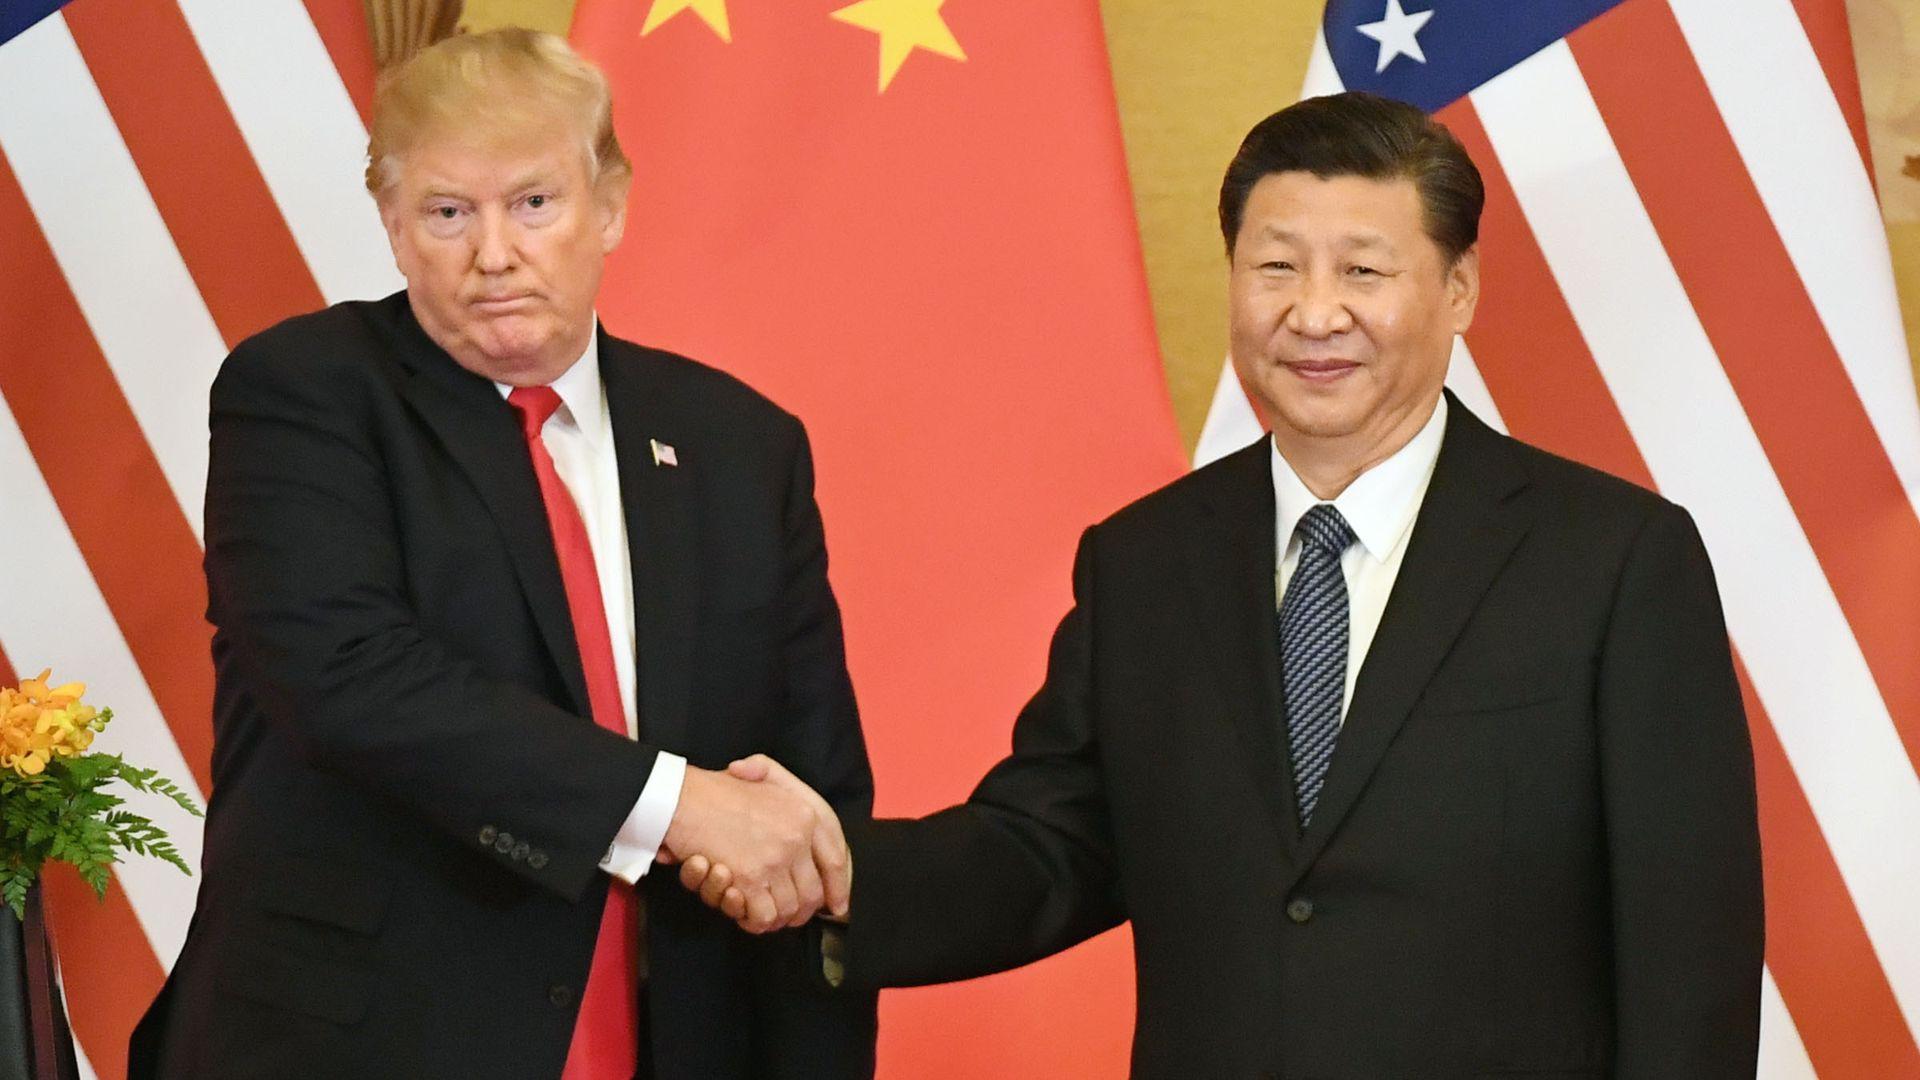 Donald Trump shakes Xi Jinping's hand.